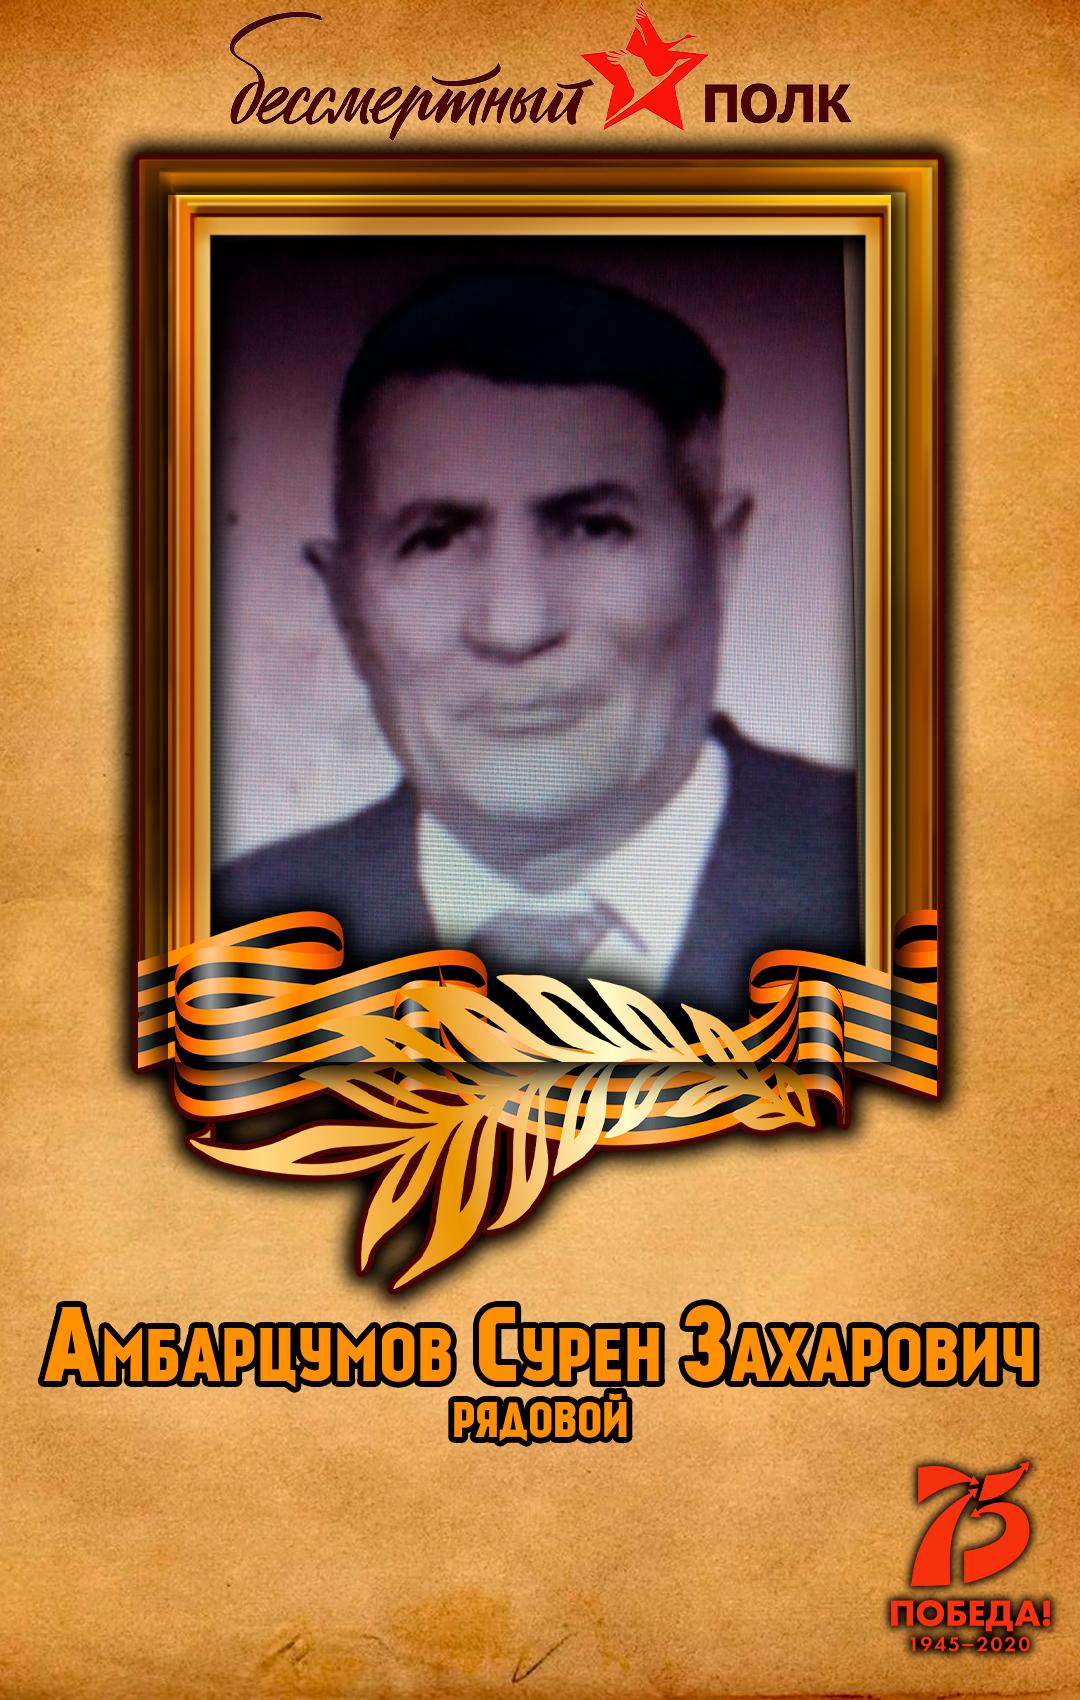 Амбарцумов-Сурен-Захарович